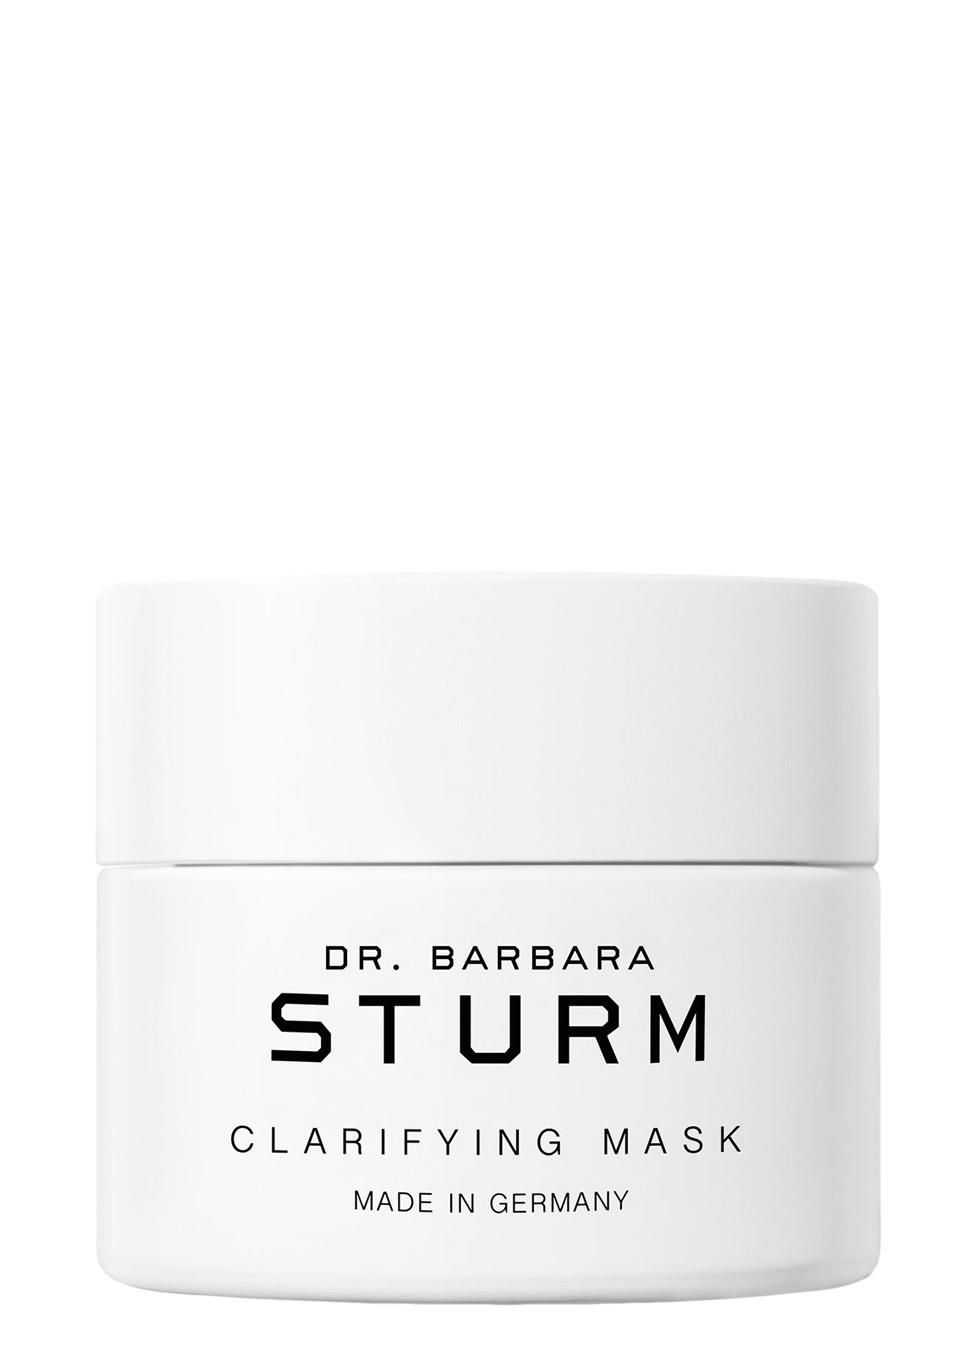 Clarifying Mask 50ml